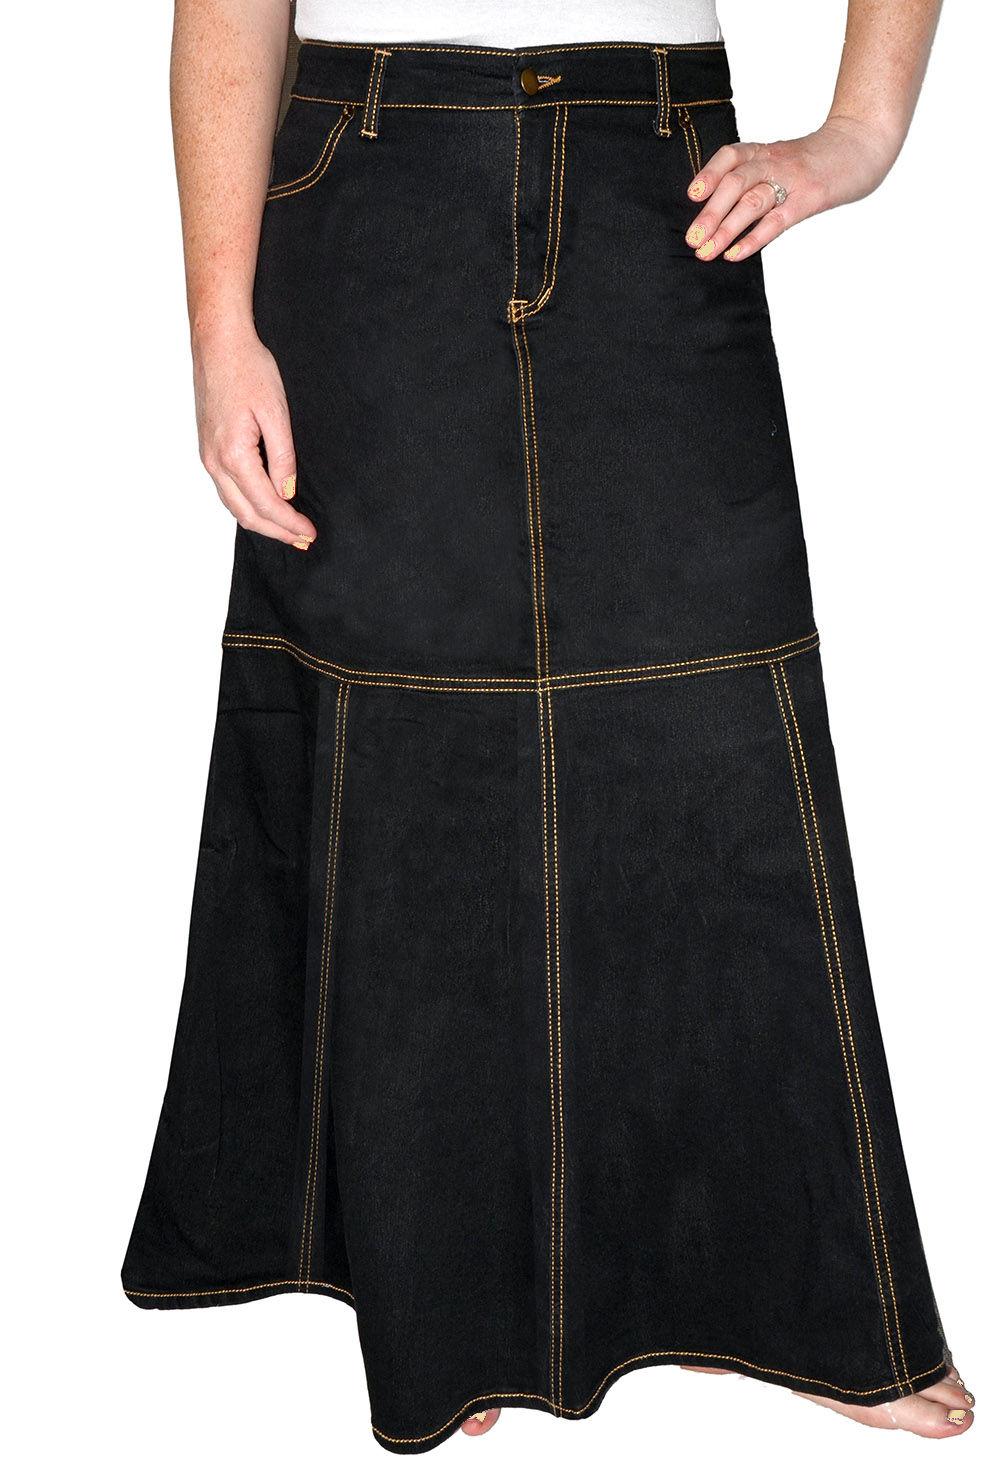 Einstufiger Jeansrock in schwarz